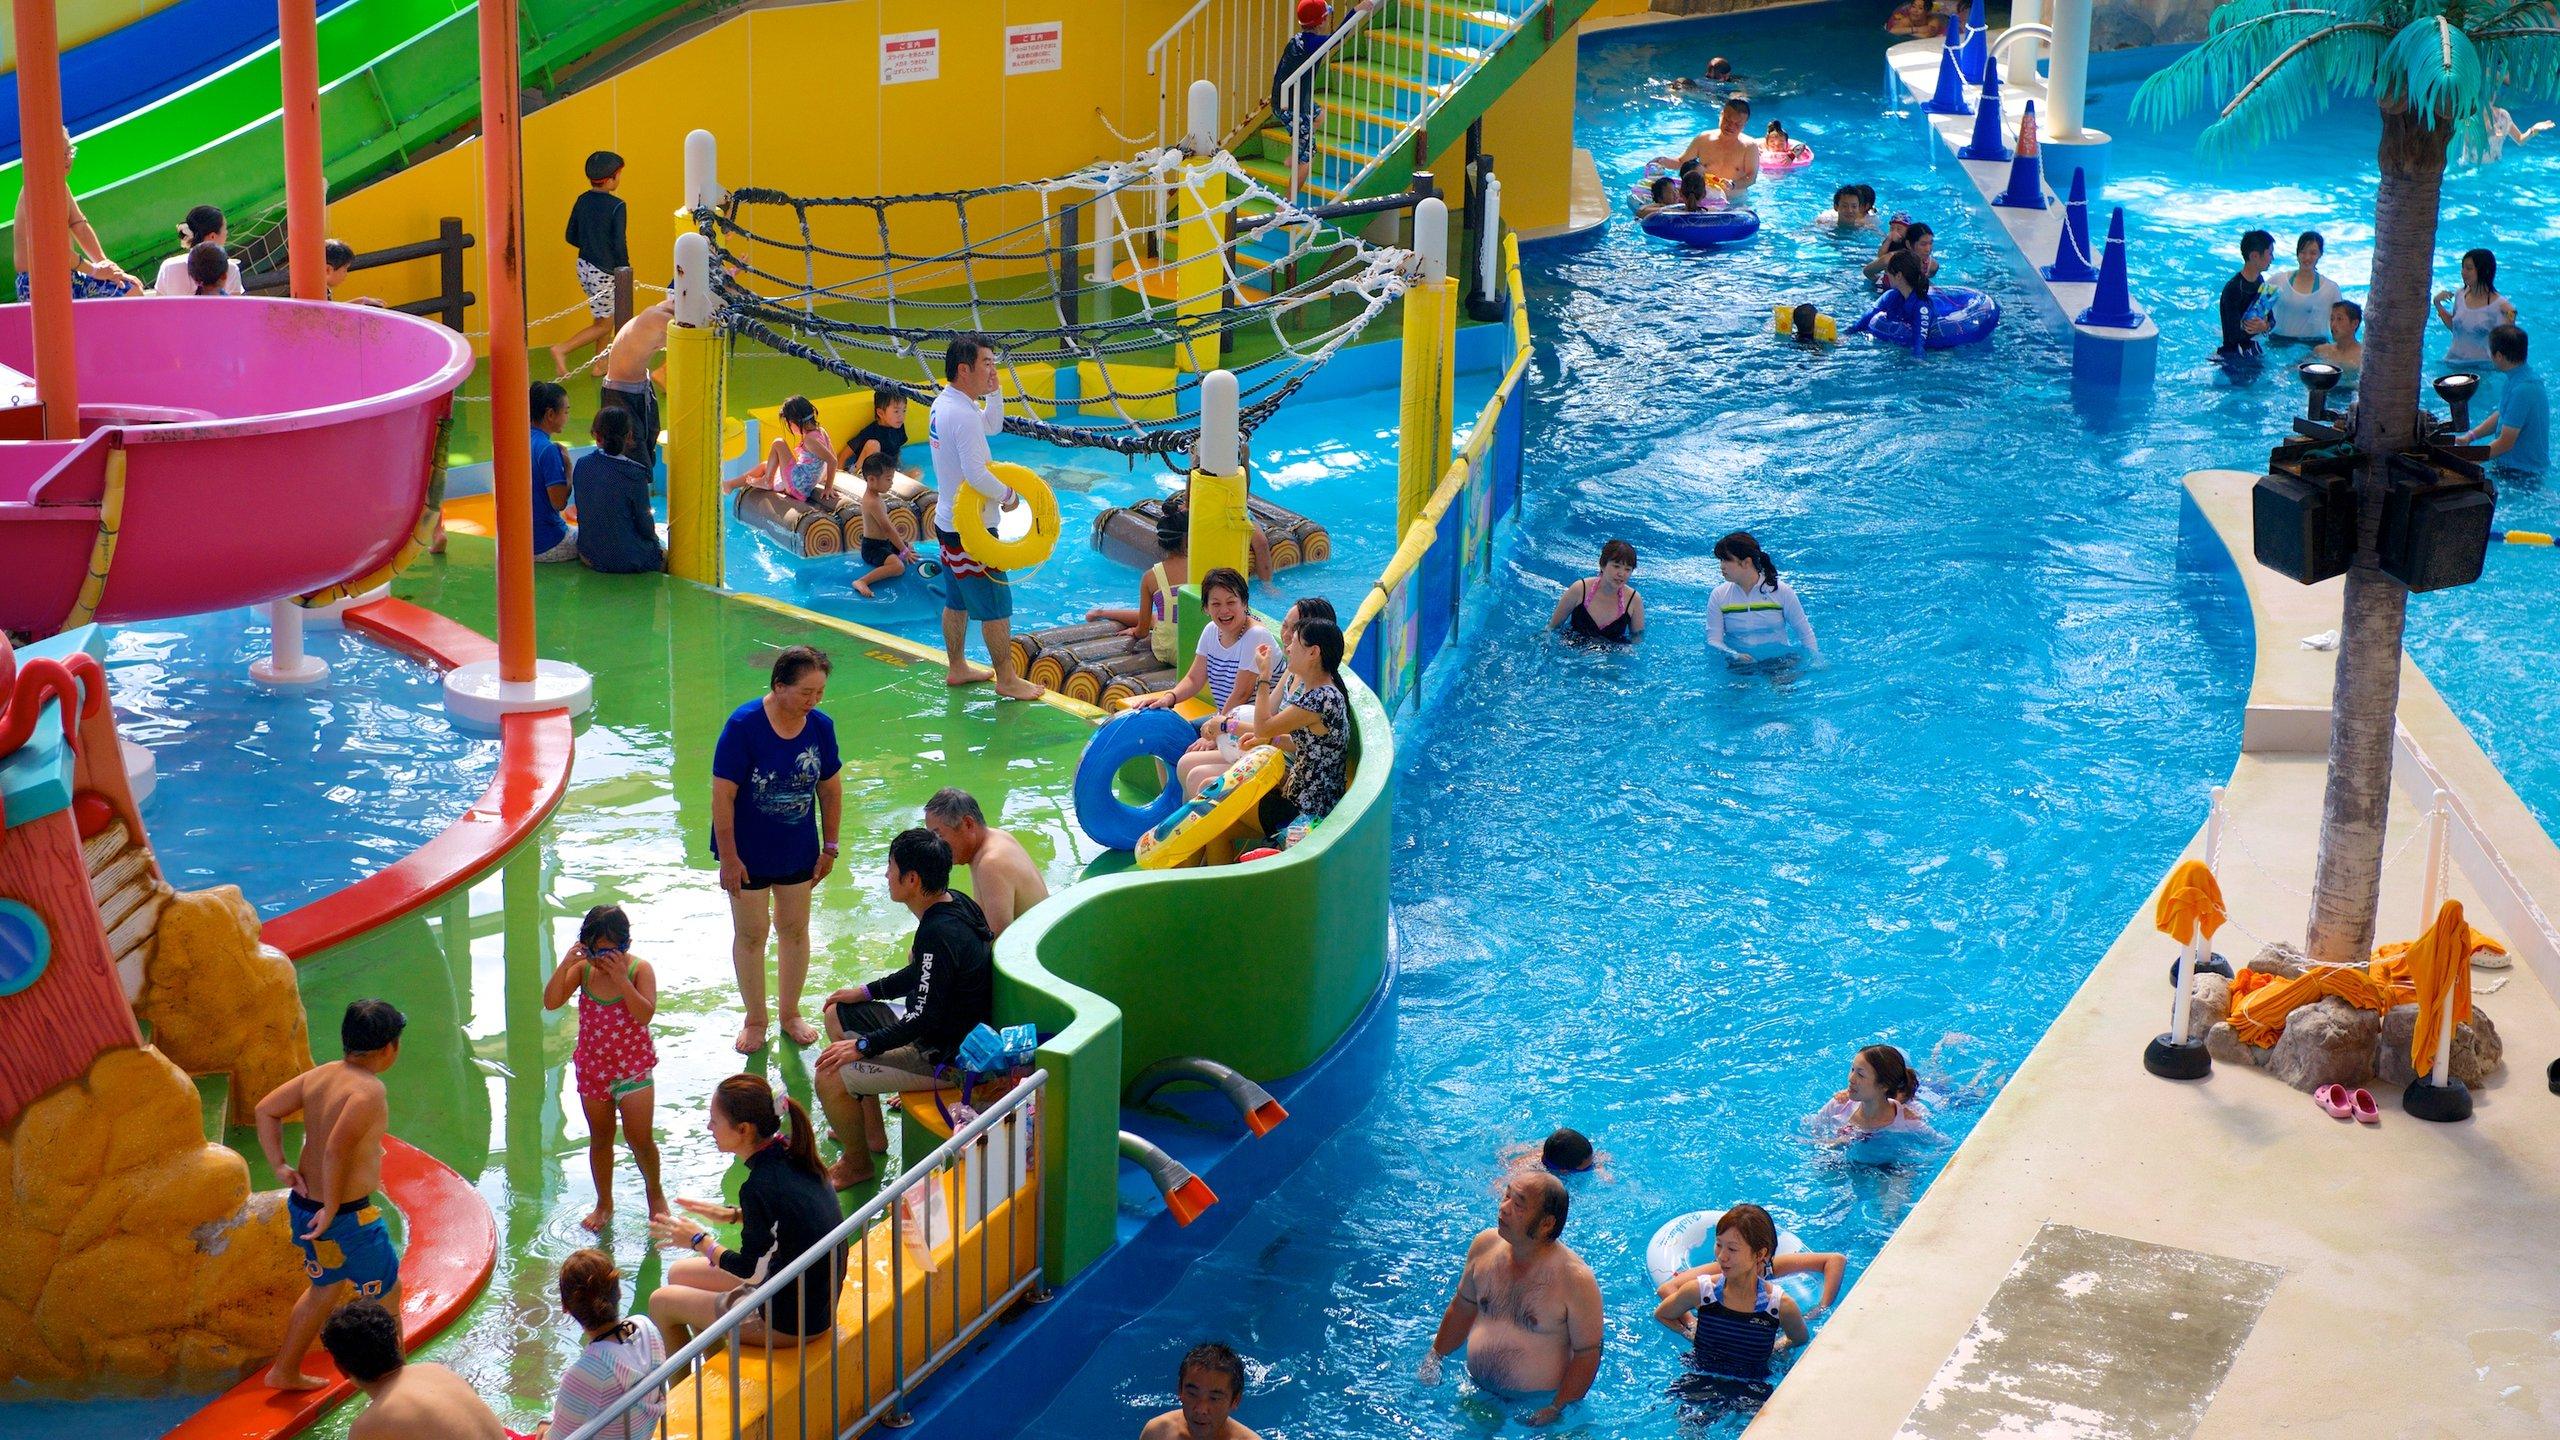 Des spas thématiques sur les cultures du monde, des saunas médicinaux revivifiants et les jeux d'un parc aquatique vous attendent dans ce centre de soins très complet.